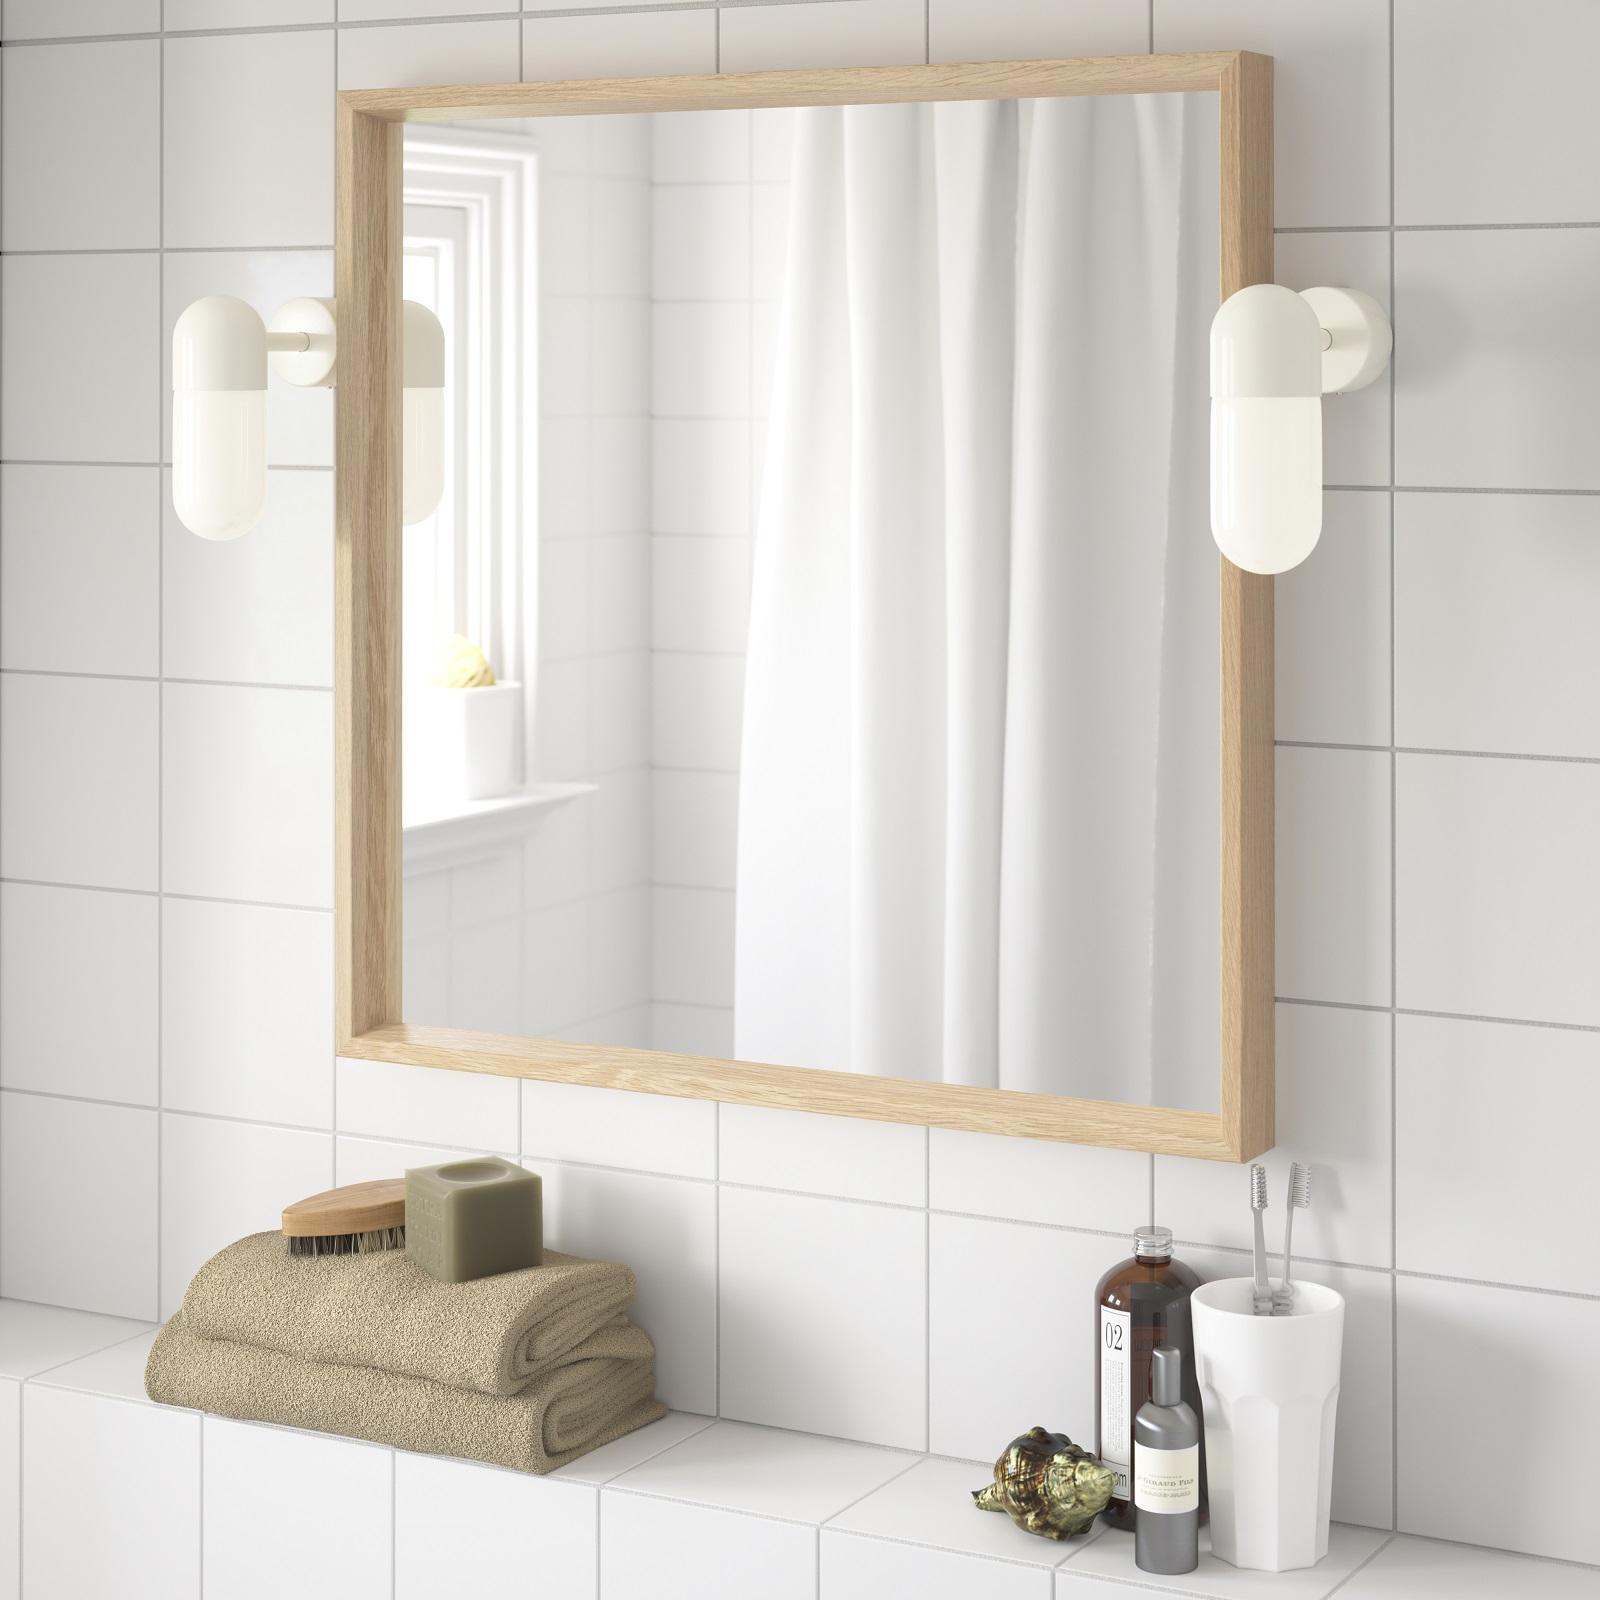 Specchi Per Il Bagno Soprattutto Minimali Di Tutte Le Forme Cose Di Casa